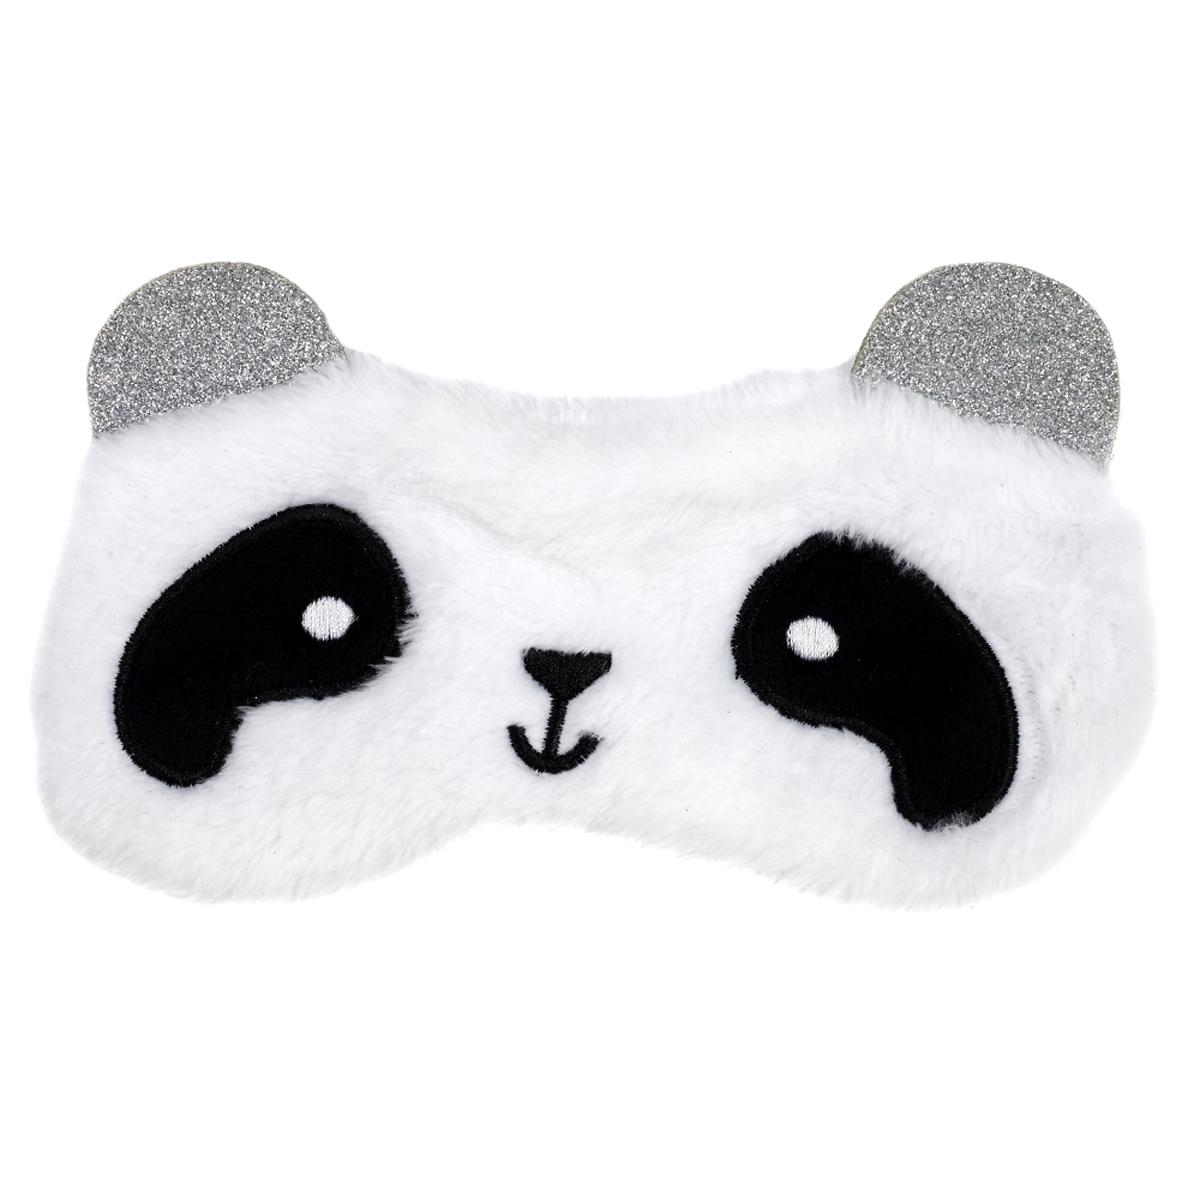 Masque de voyage / masque de nuit \'Animaux\' blanc noir (panda) - 19x12 cm - [A1806]